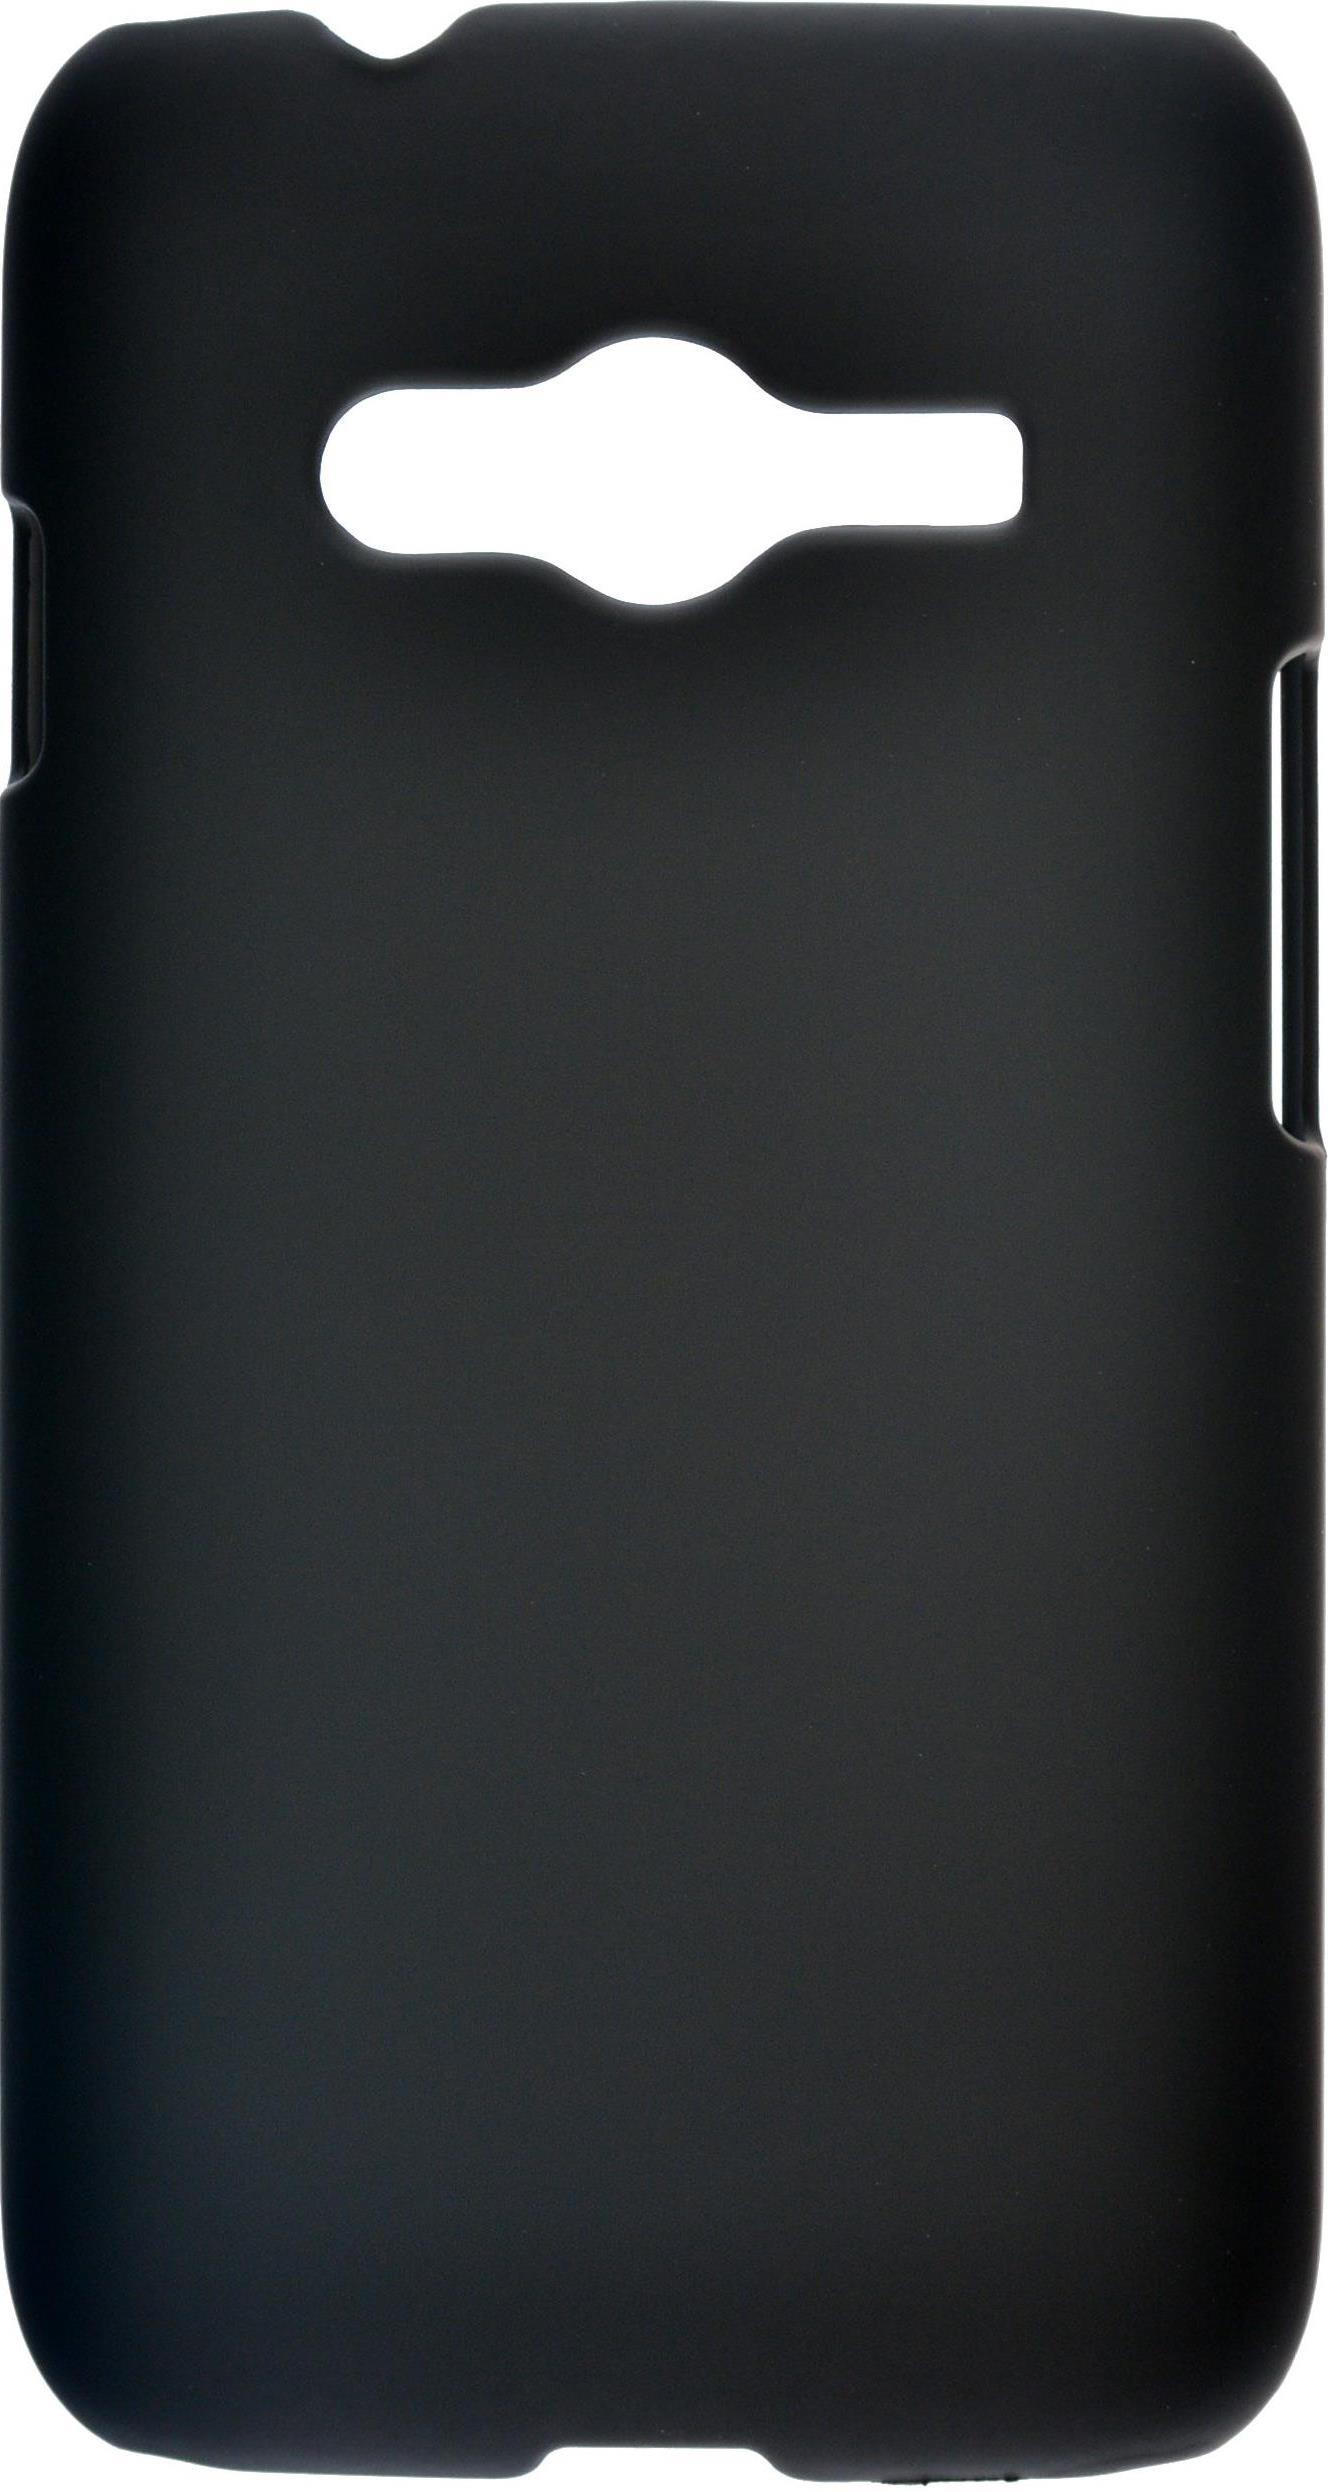 цена на Чехол для сотового телефона skinBOX 4People, 4630042525146, черный